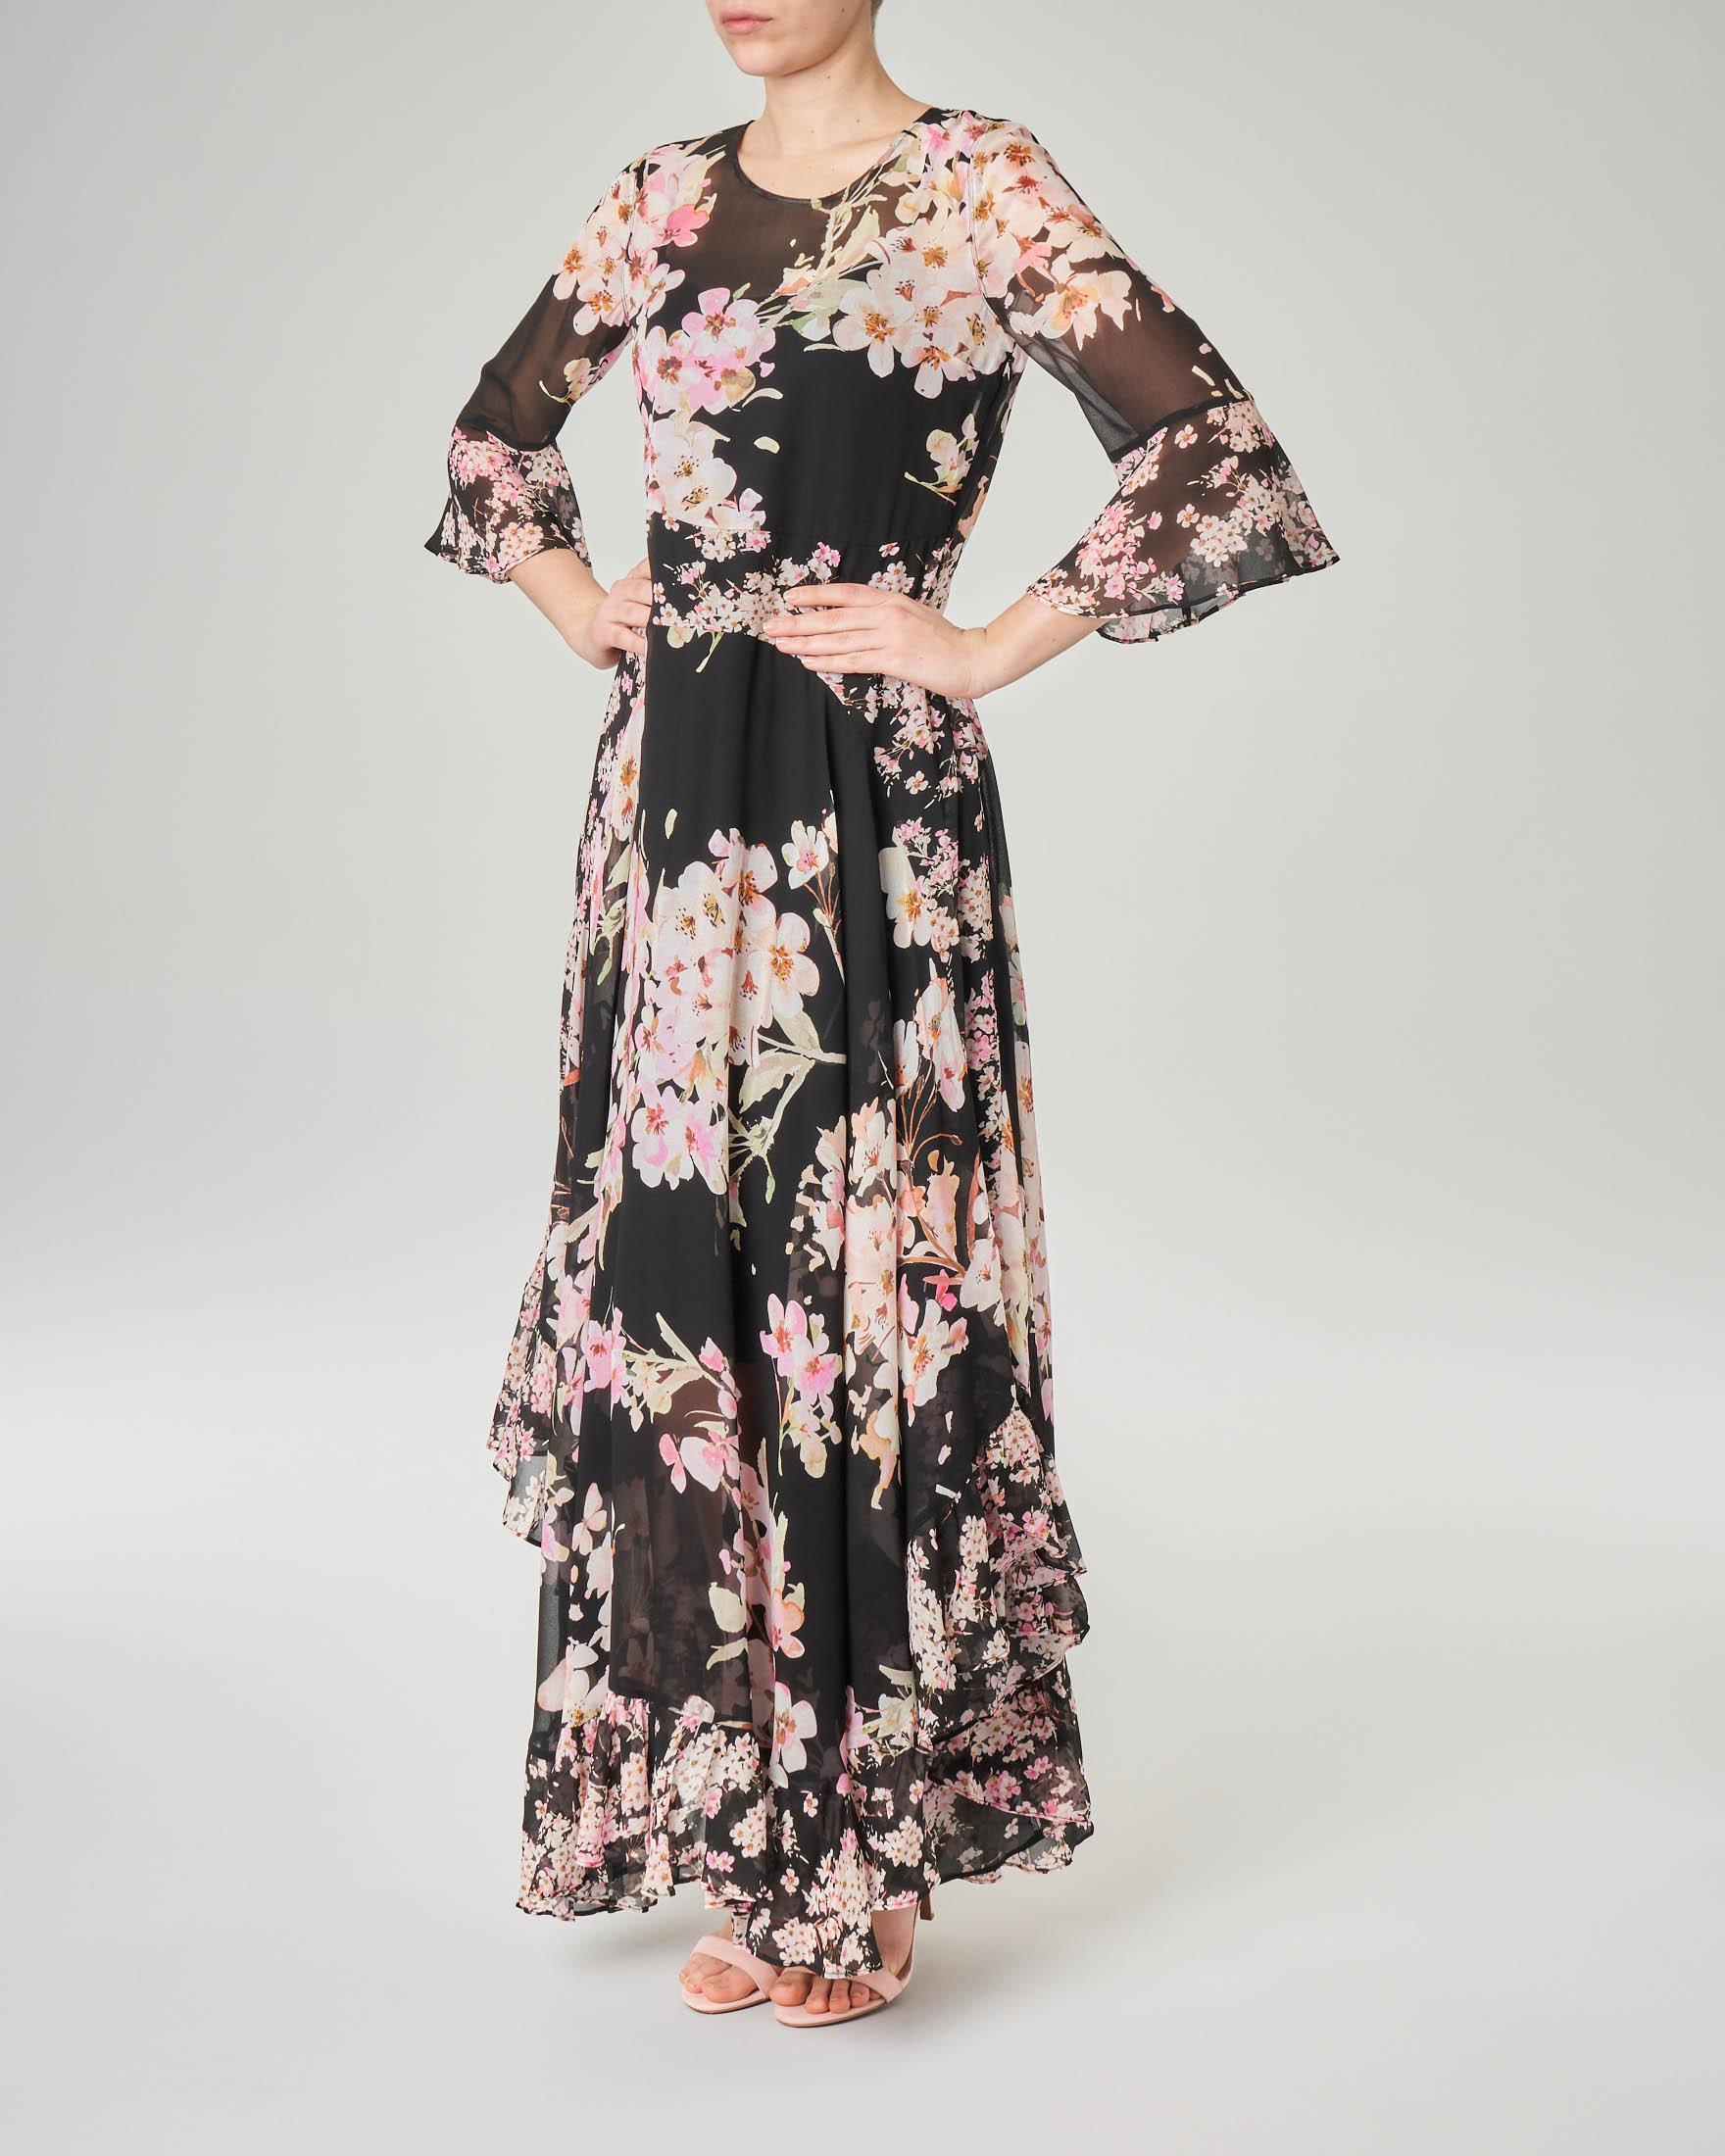 Abito lungo nero in georgette a fantasia floreale rosa